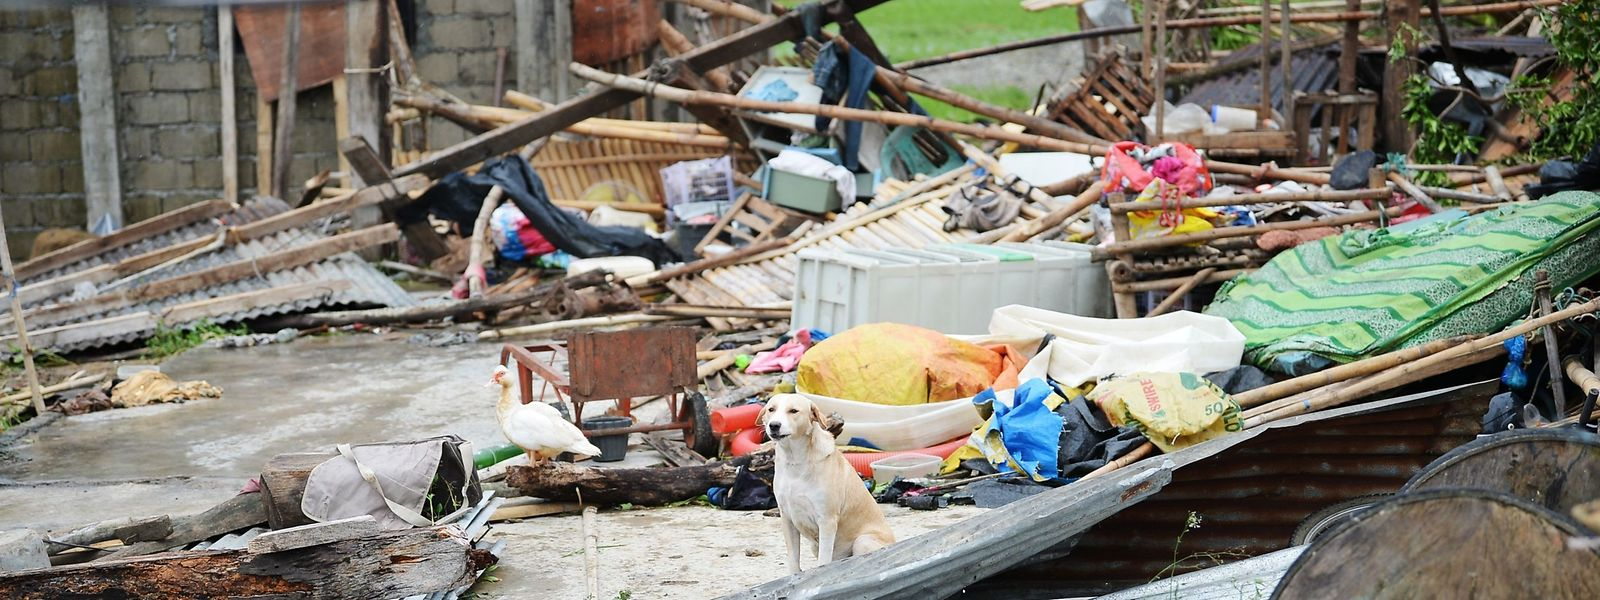 Ein Hund und eine Ente in den Ruinen eines Hauses nach dem Taifun Mangkhut in der Stadt Alcala, Philippinen.